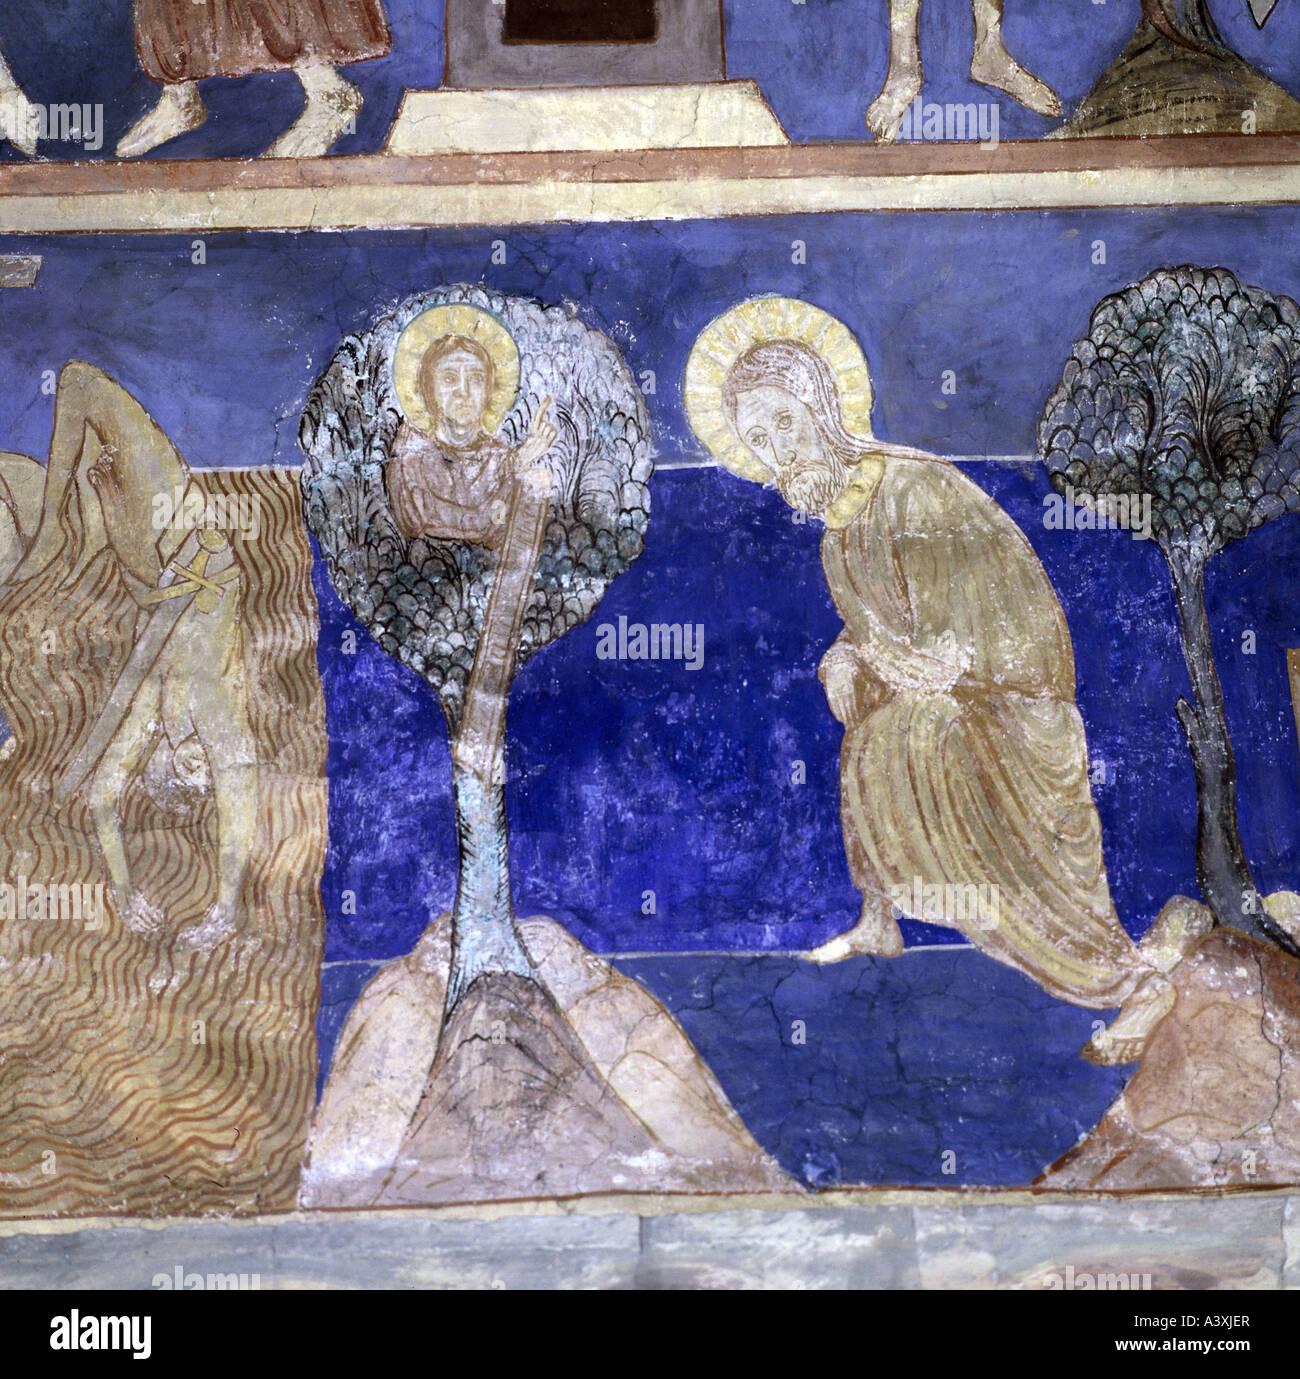 Belle arti, l'arte religiosa, Gesù Cristo, la genealogia, pittura, affresco del XIII secolo, Chiesa di Immagini Stock